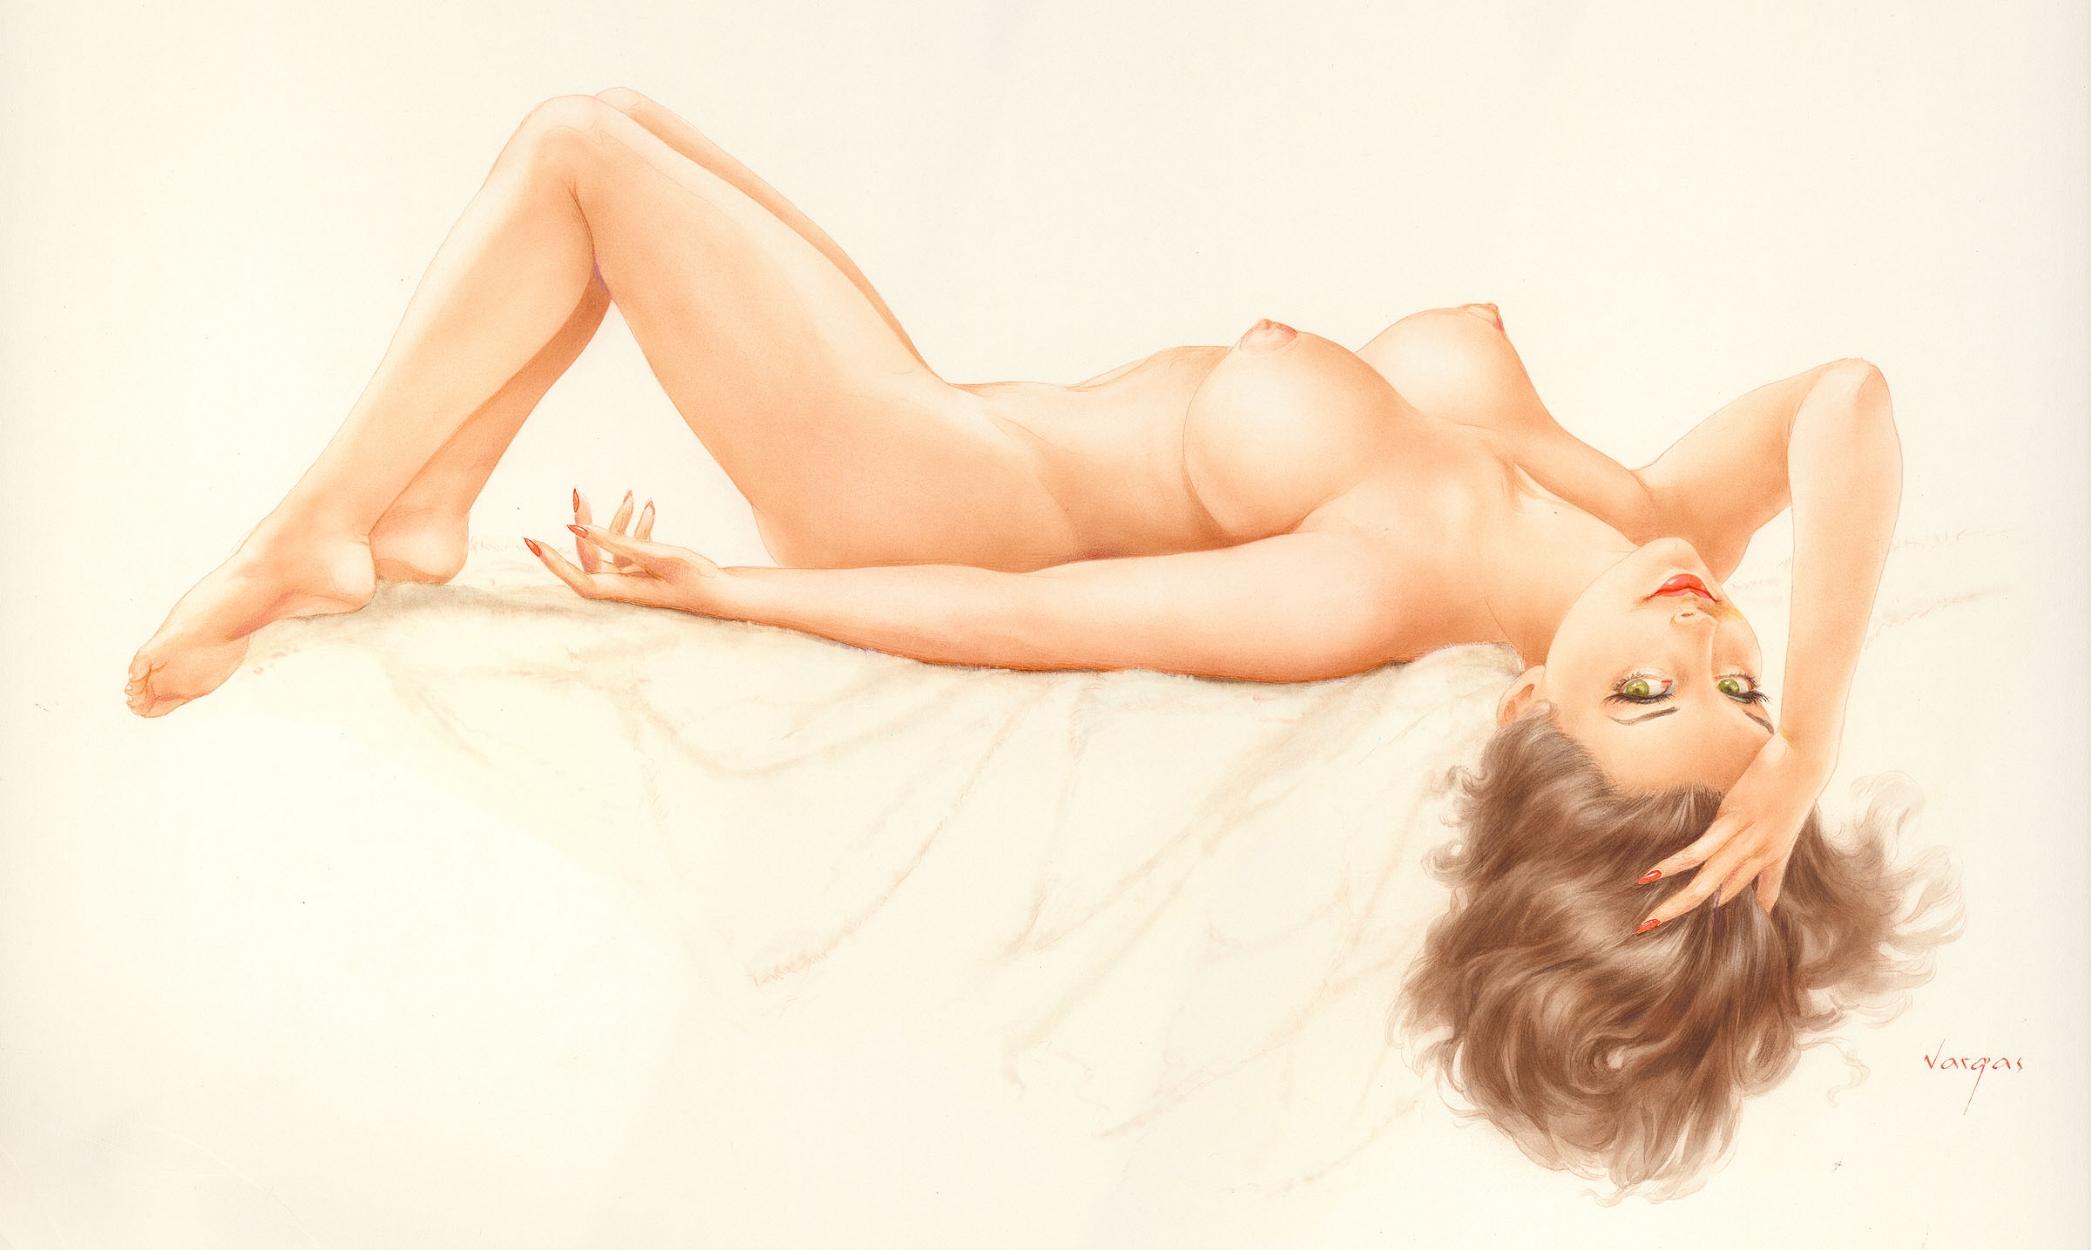 Рисунки эротические фото и